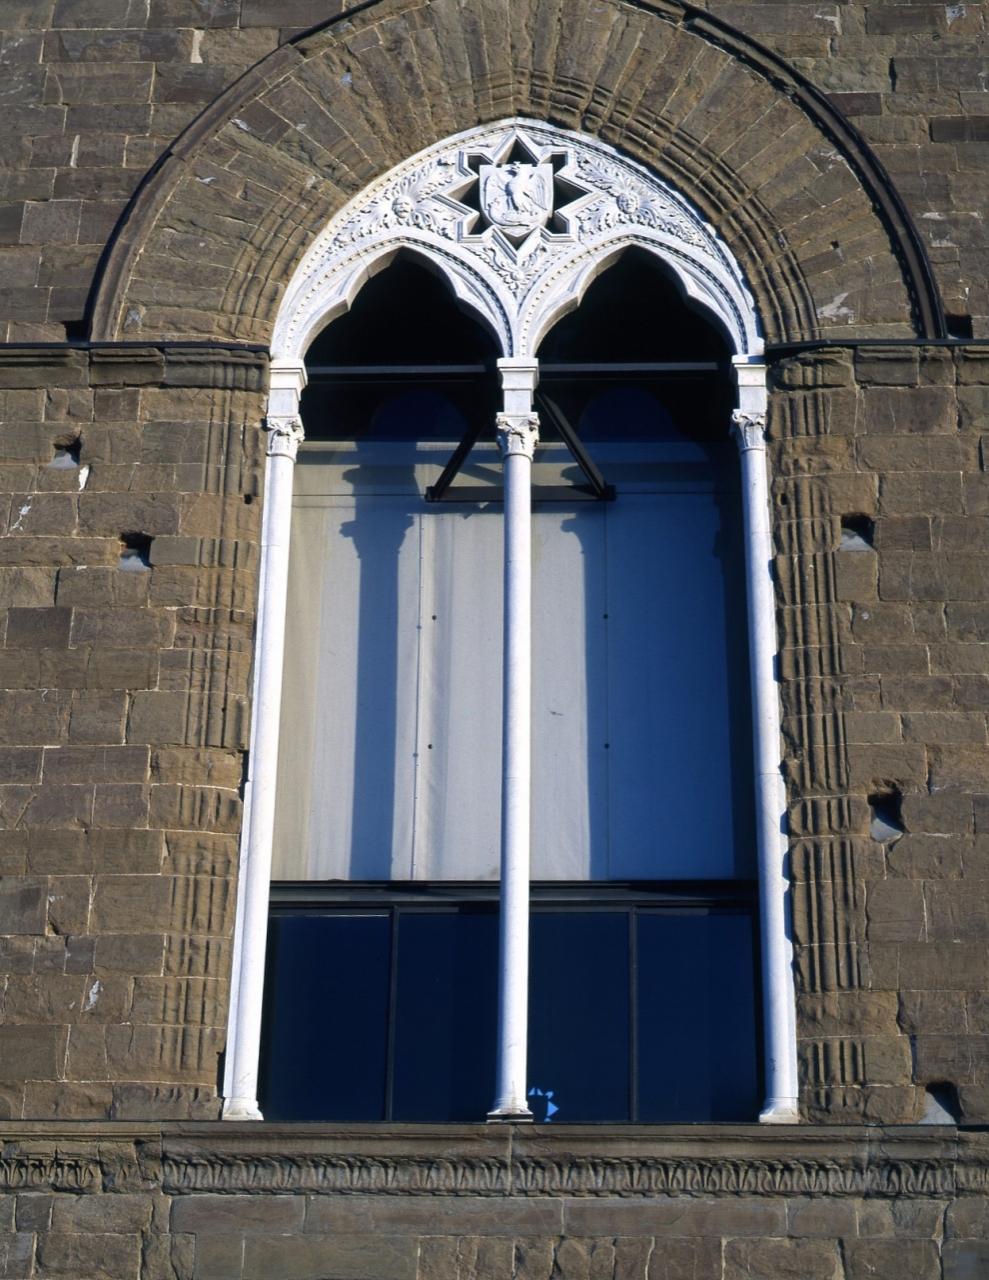 stemma di Parte Guelfa (bifora) - manifattura fiorentina (ultimo quarto sec. XIV)